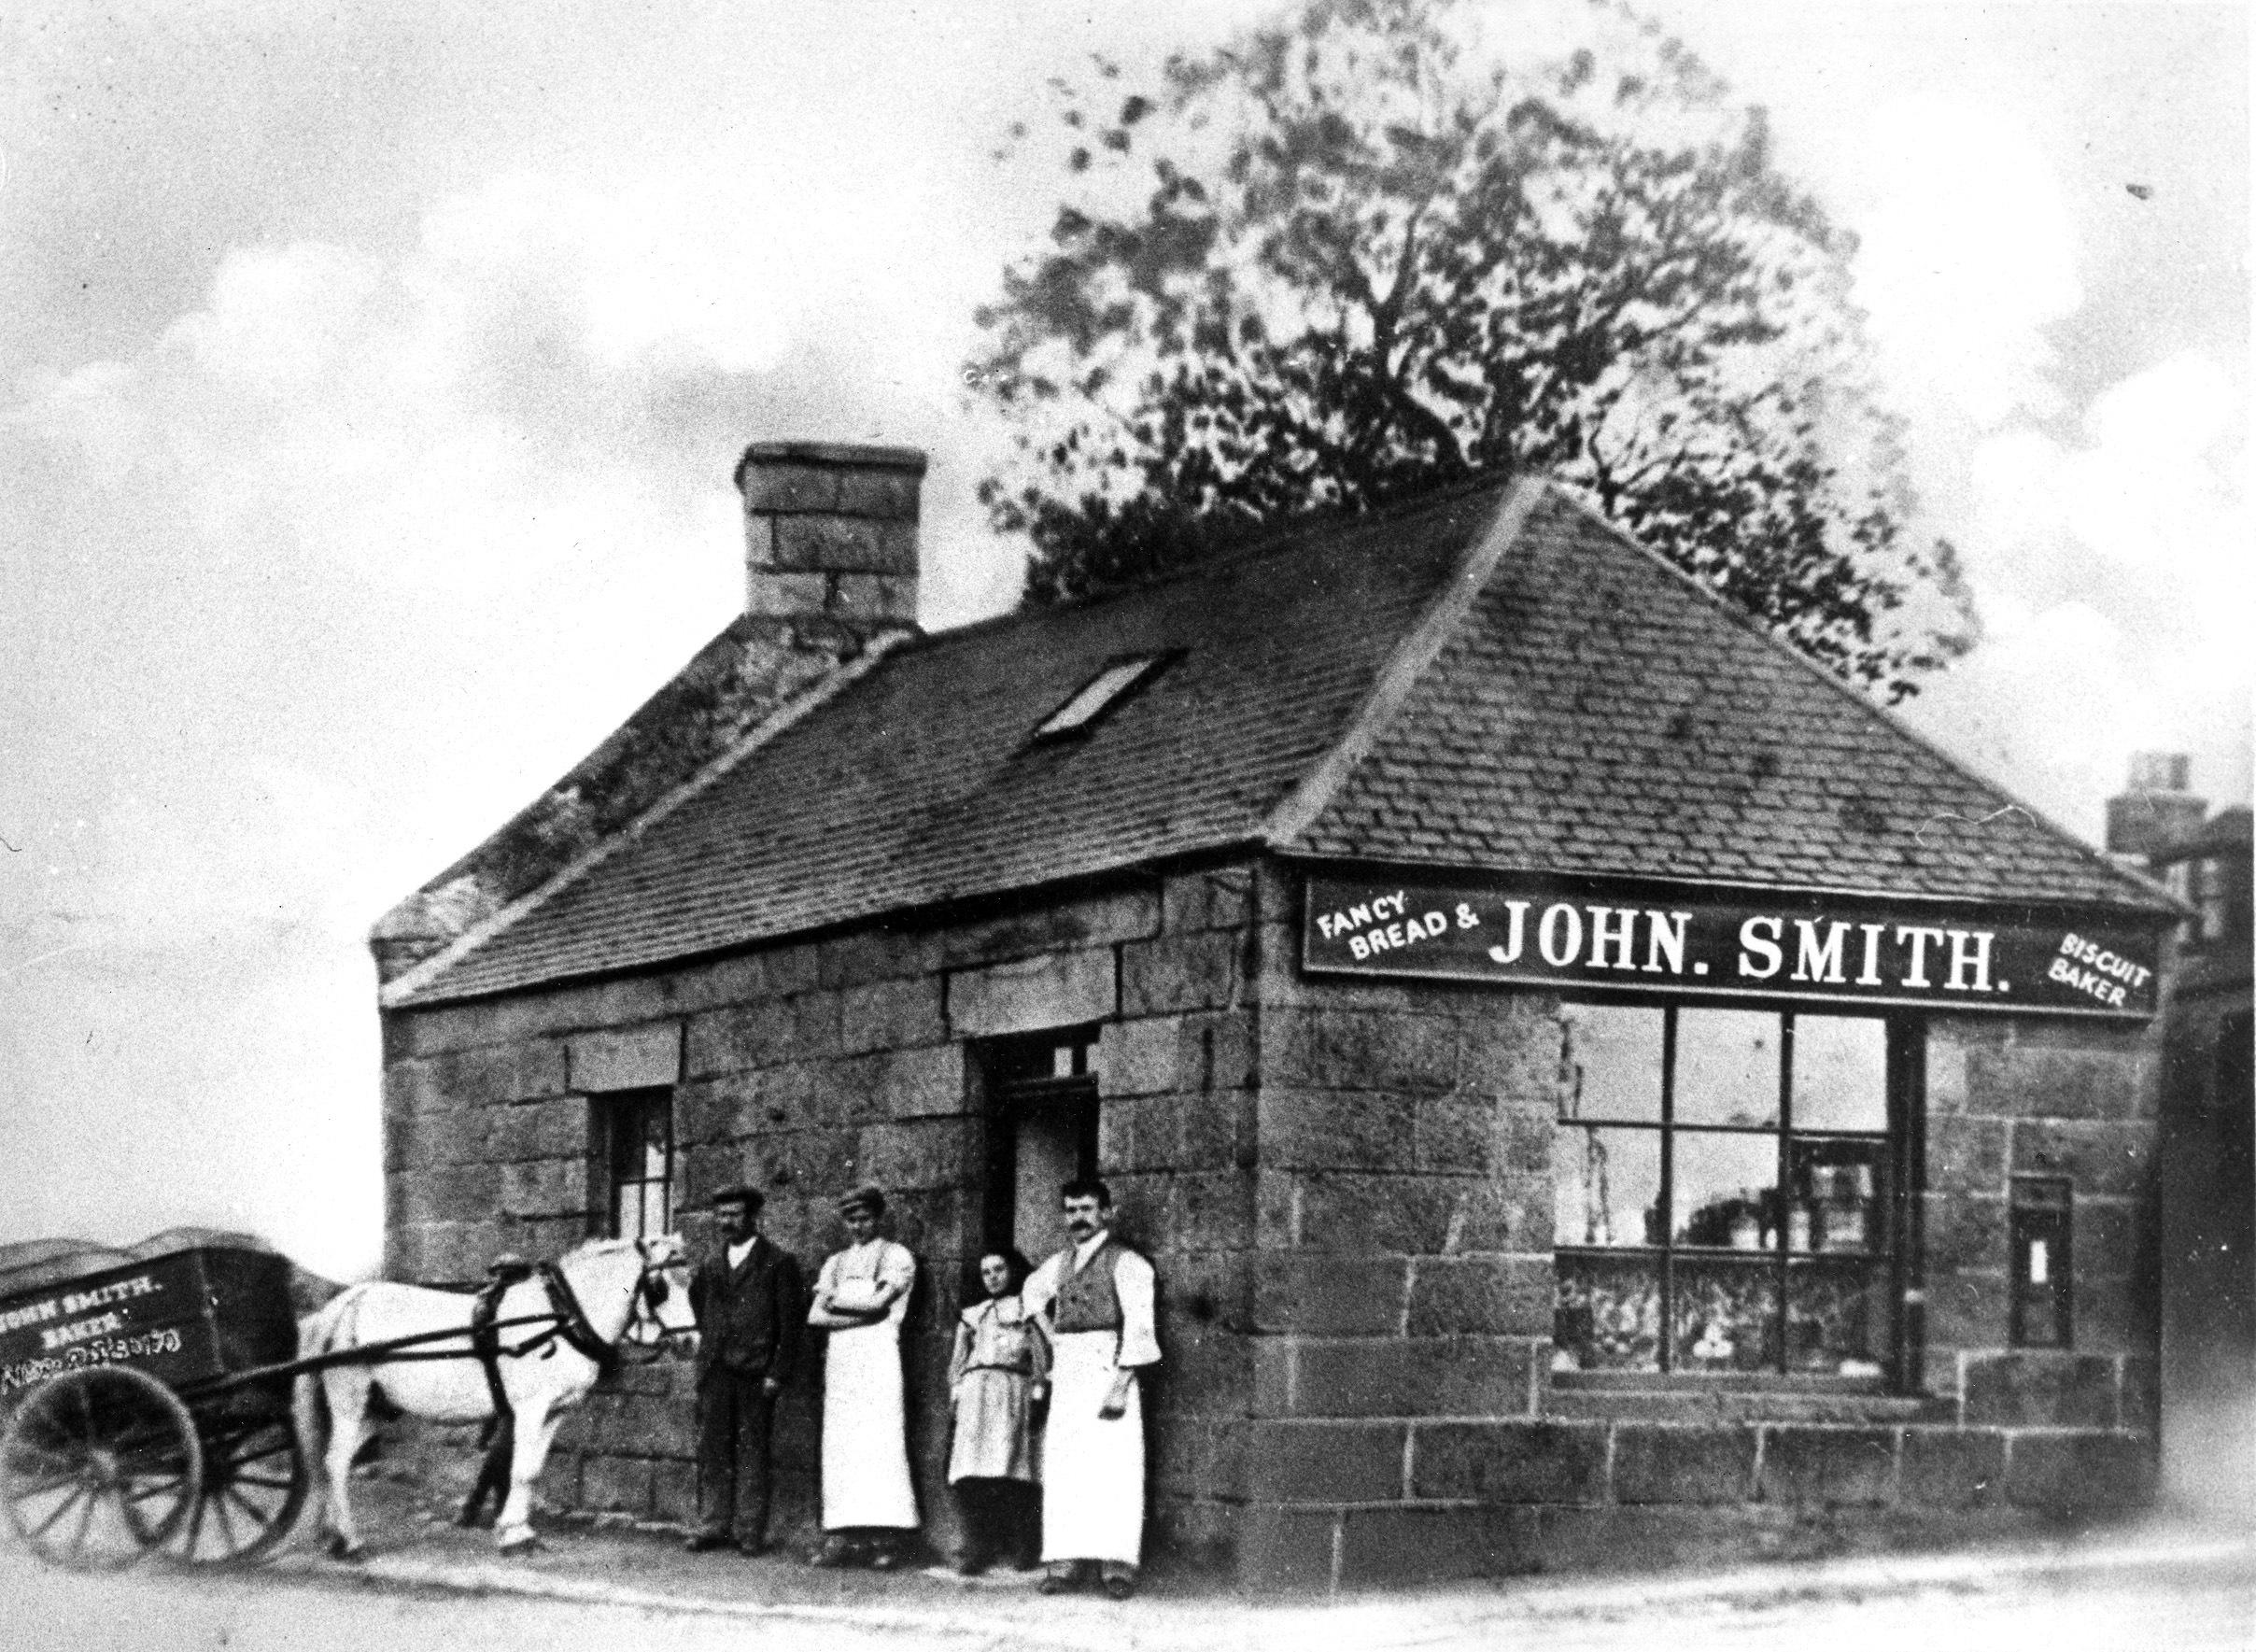 The John Smith & Sons bakery in New Pitsligo has closed.